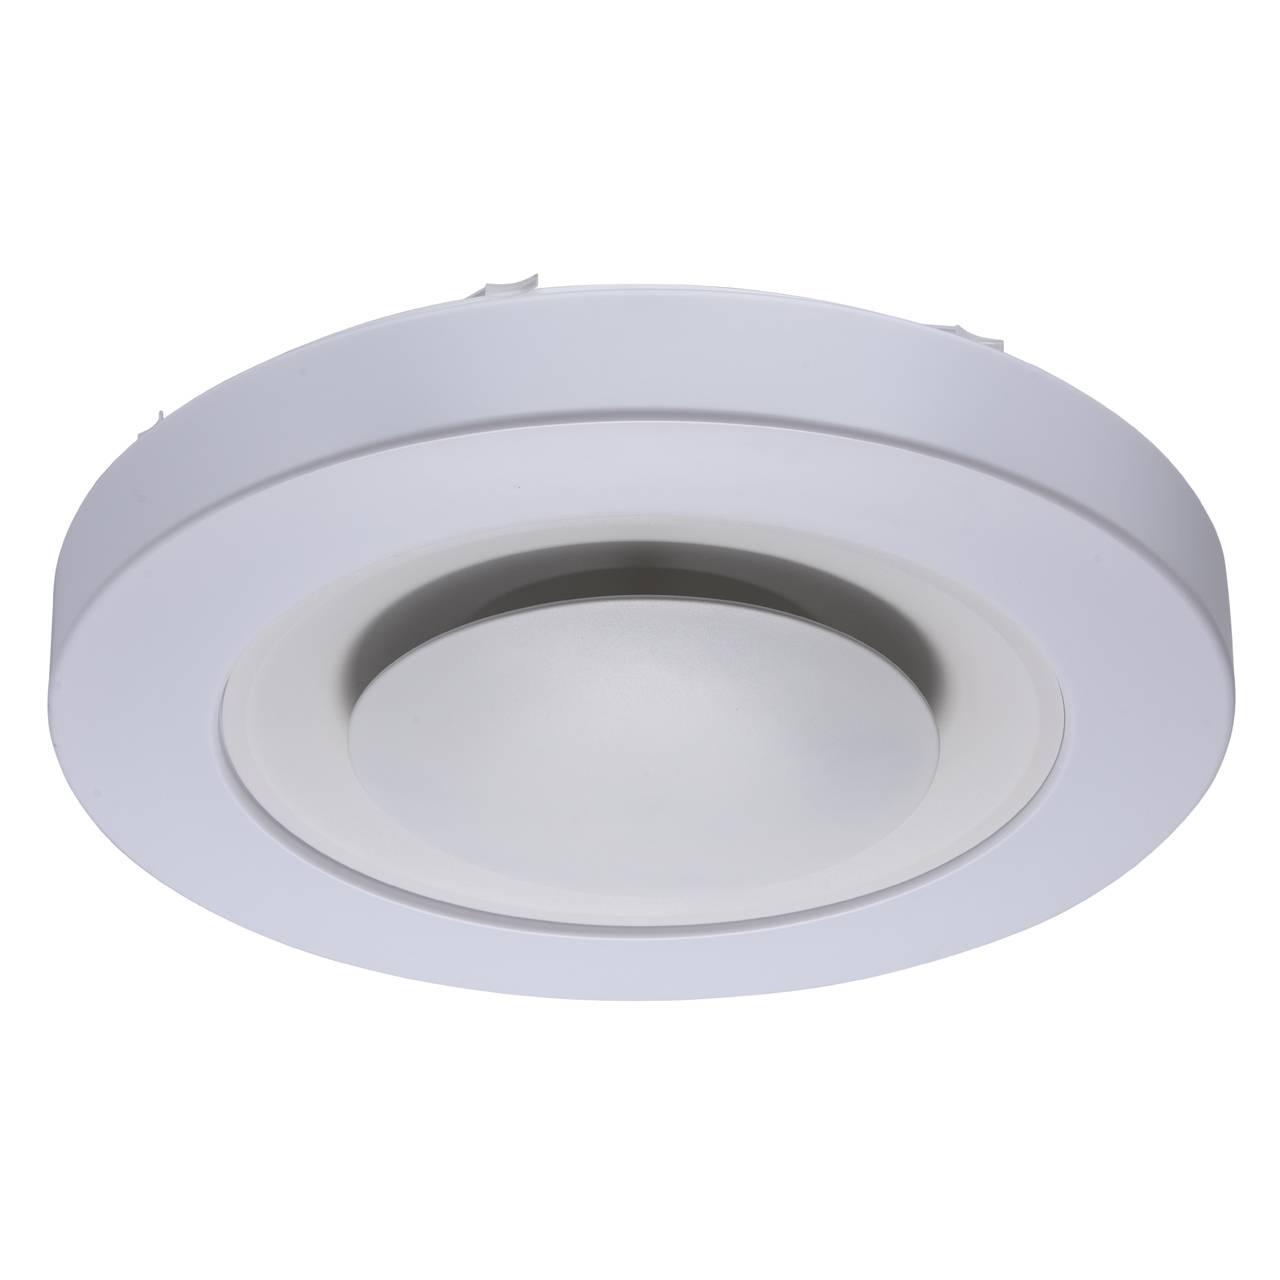 """Купить со скидкой Потолочный светодиодный светильник """"Норден"""" mw-Light"""